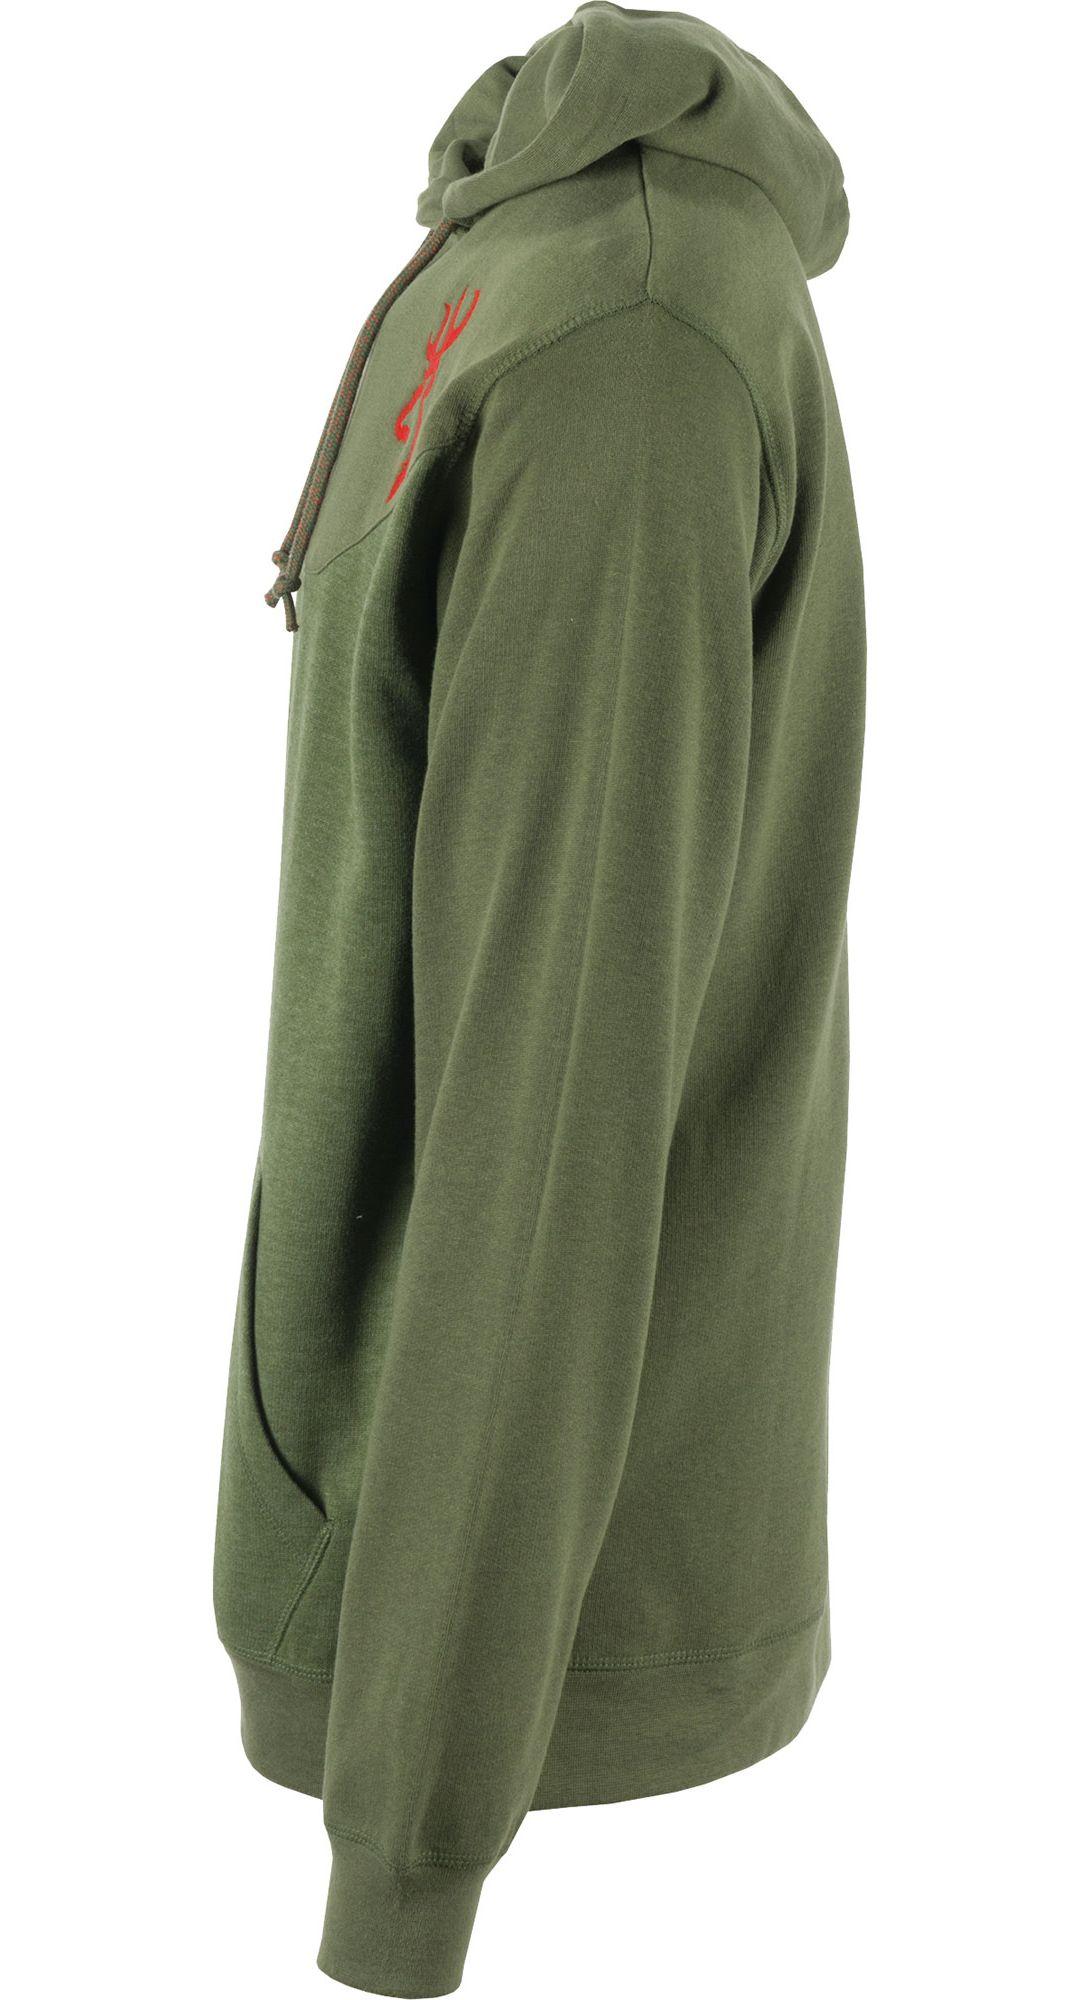 Maryland Flag Printed Quarter-Zip Pullover wit h2 Side Pockets